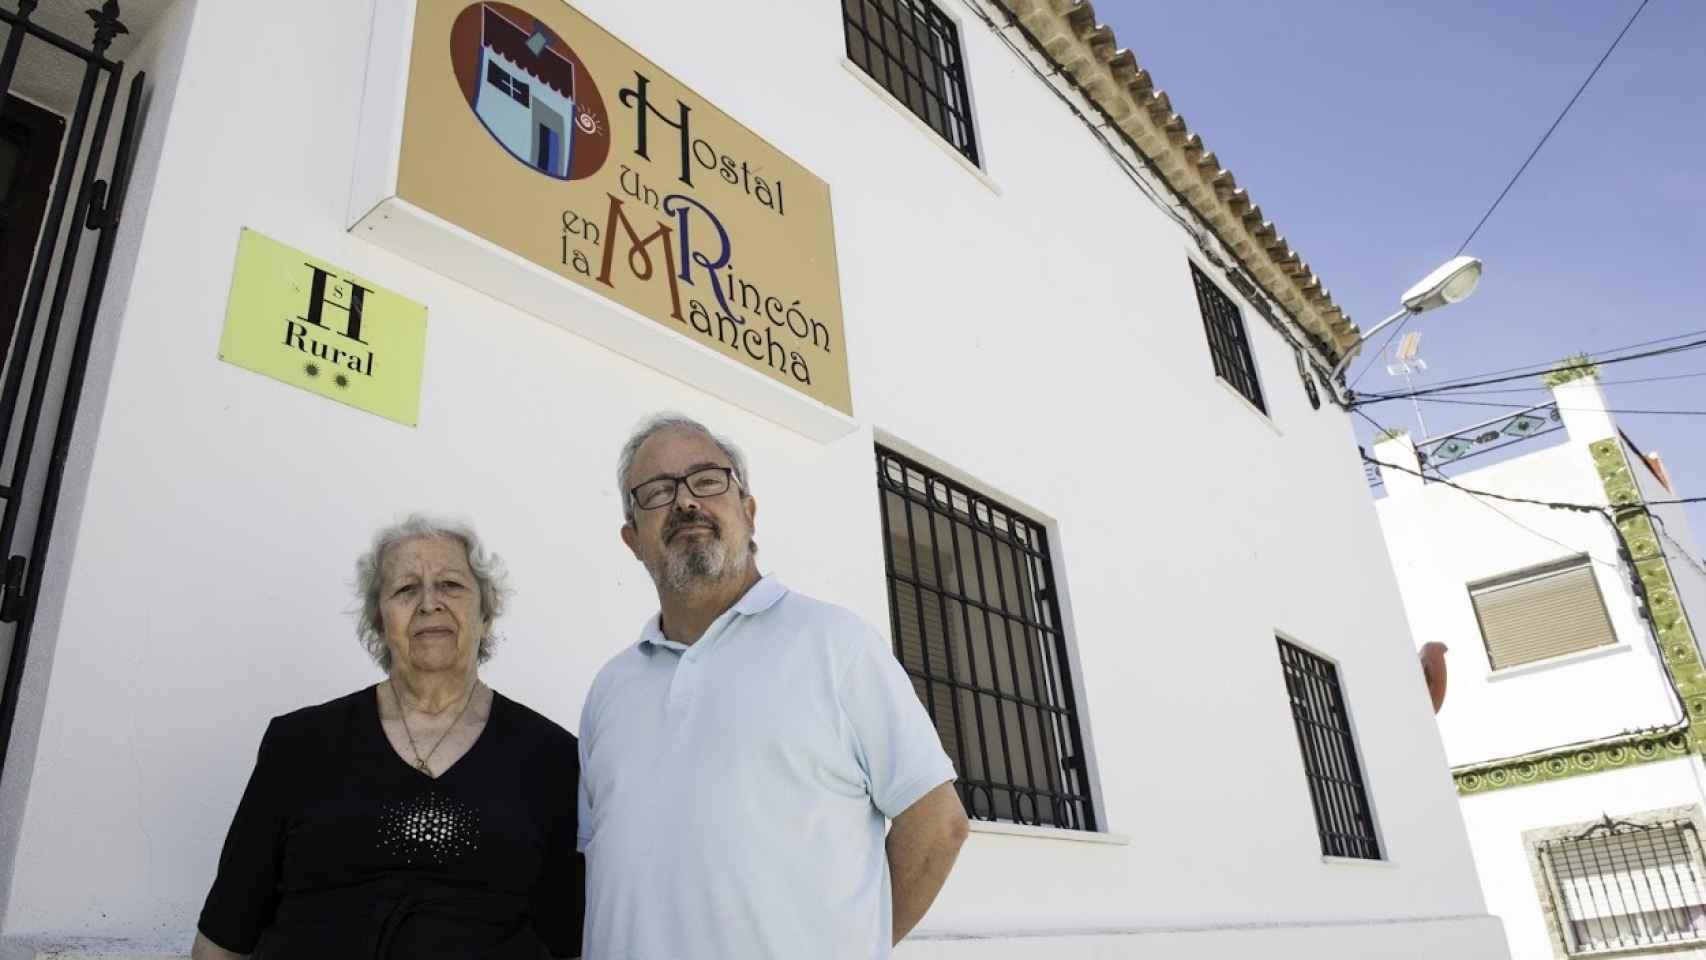 Amparo Cerdán y su hijo Luis Bilbao, junto a su hostal.